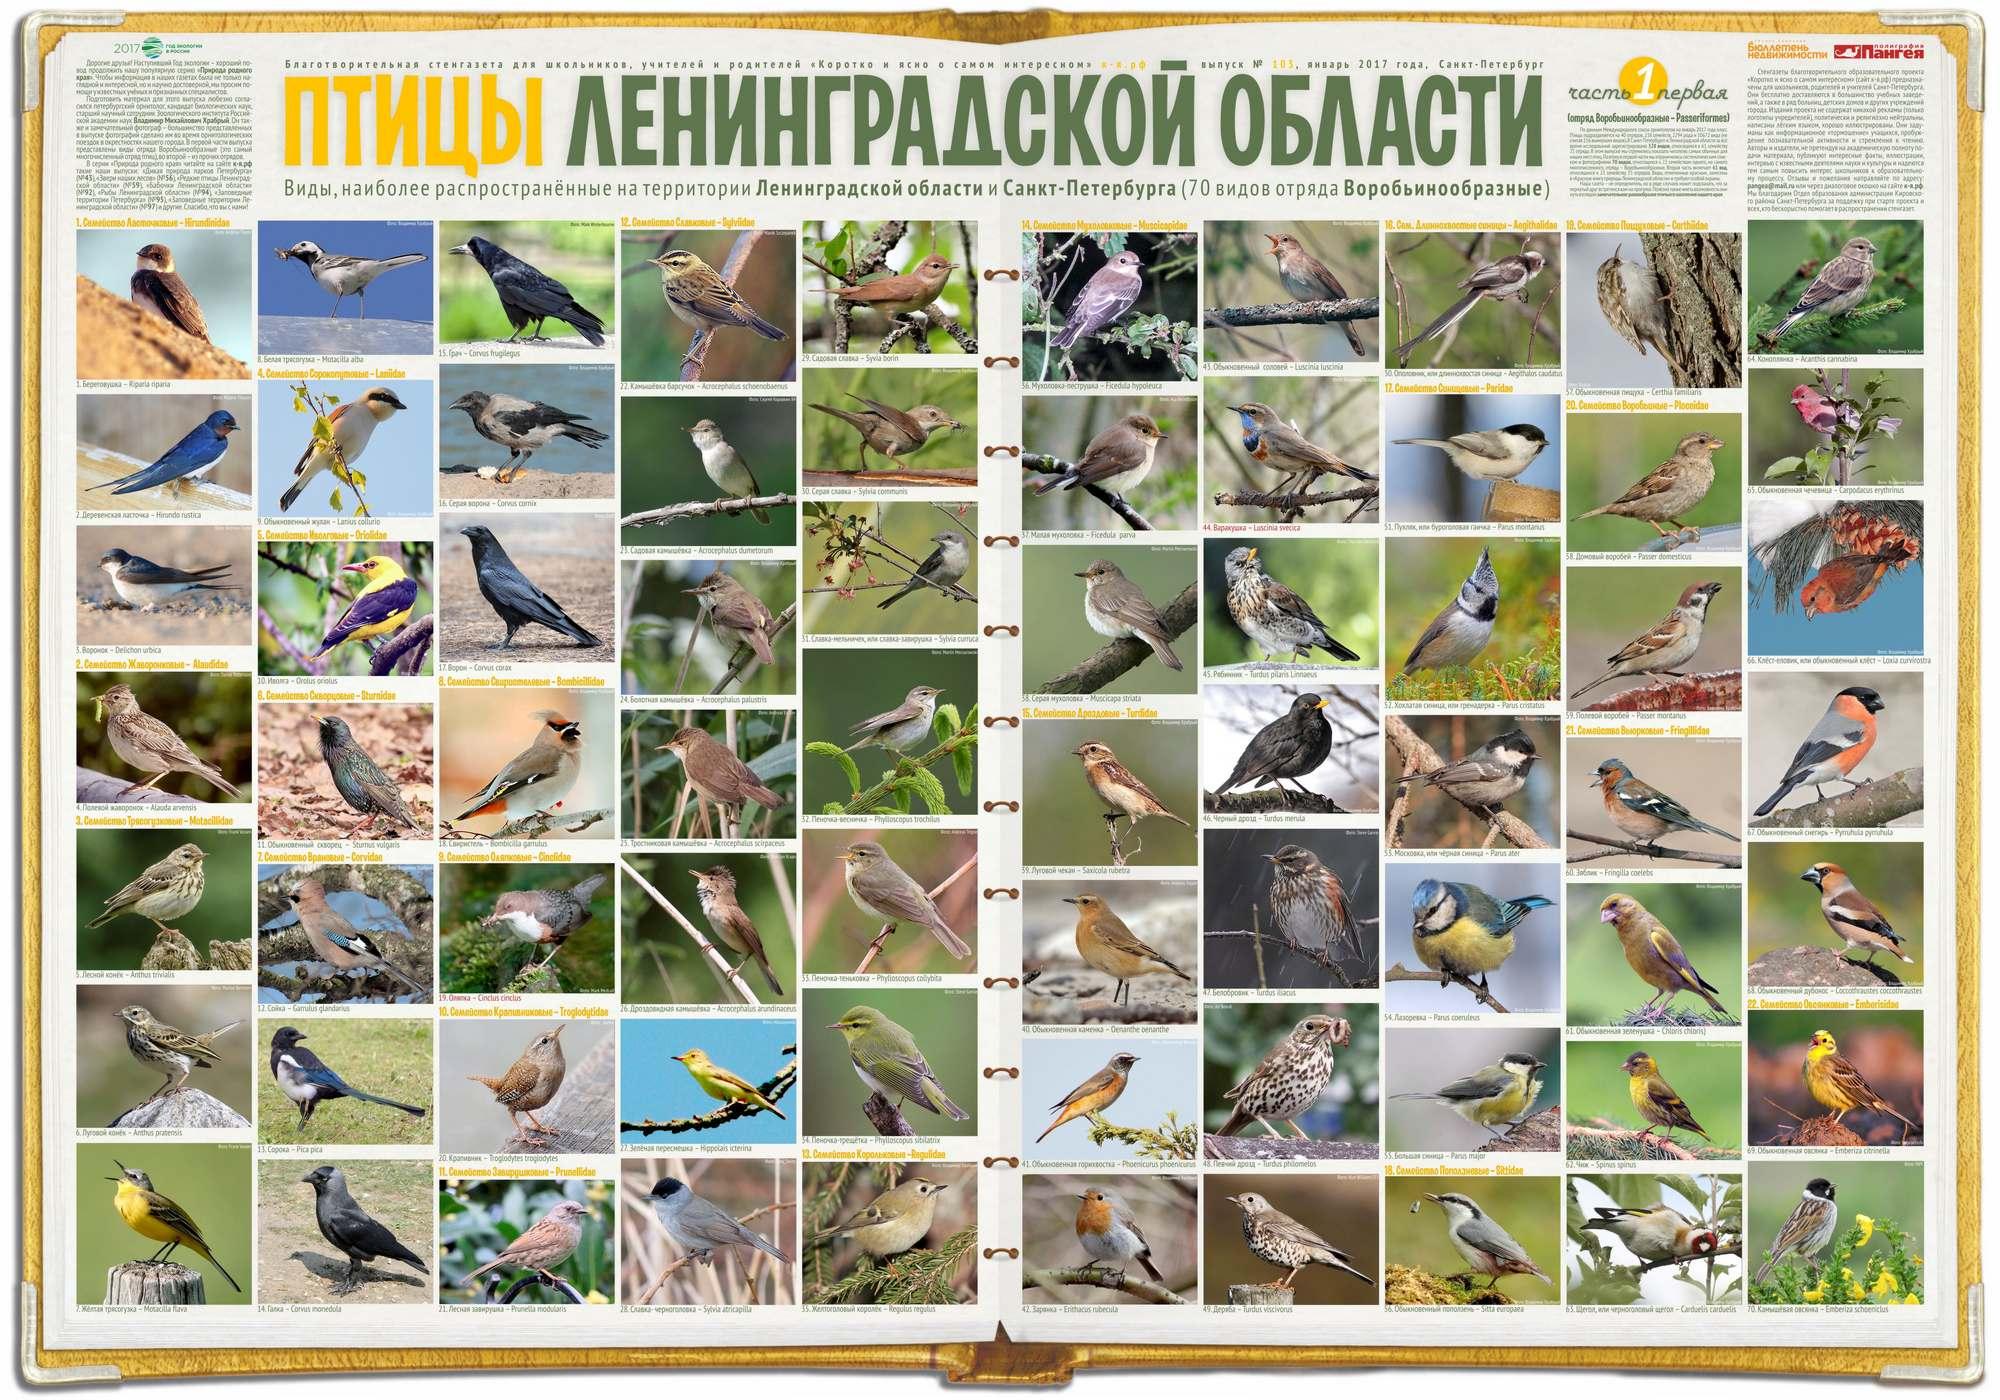 Птицы Ленинградской области – 1